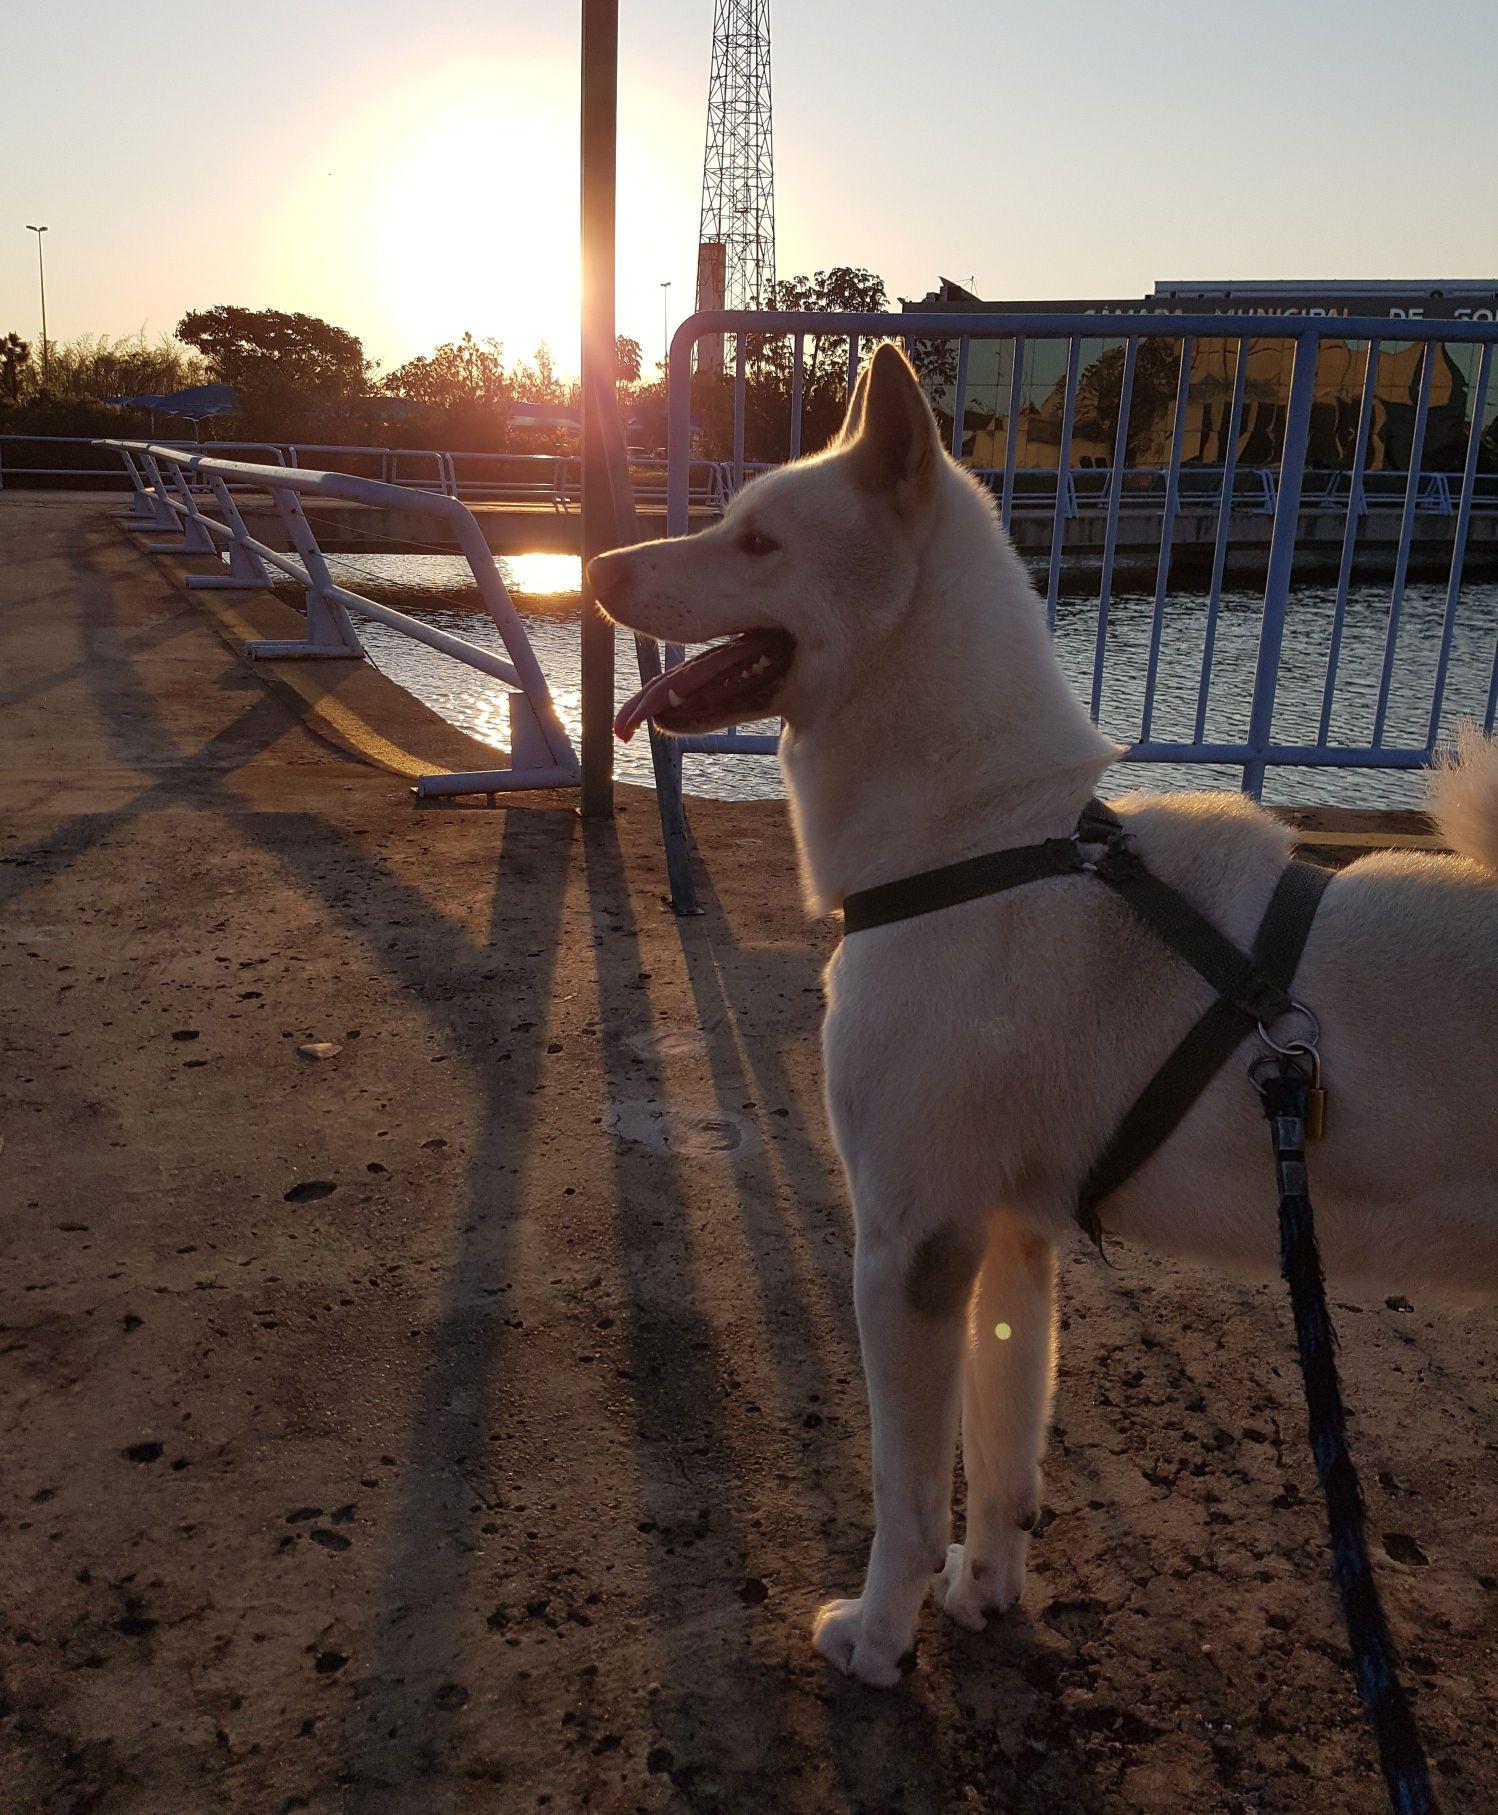 Passeio com cão de grande porte